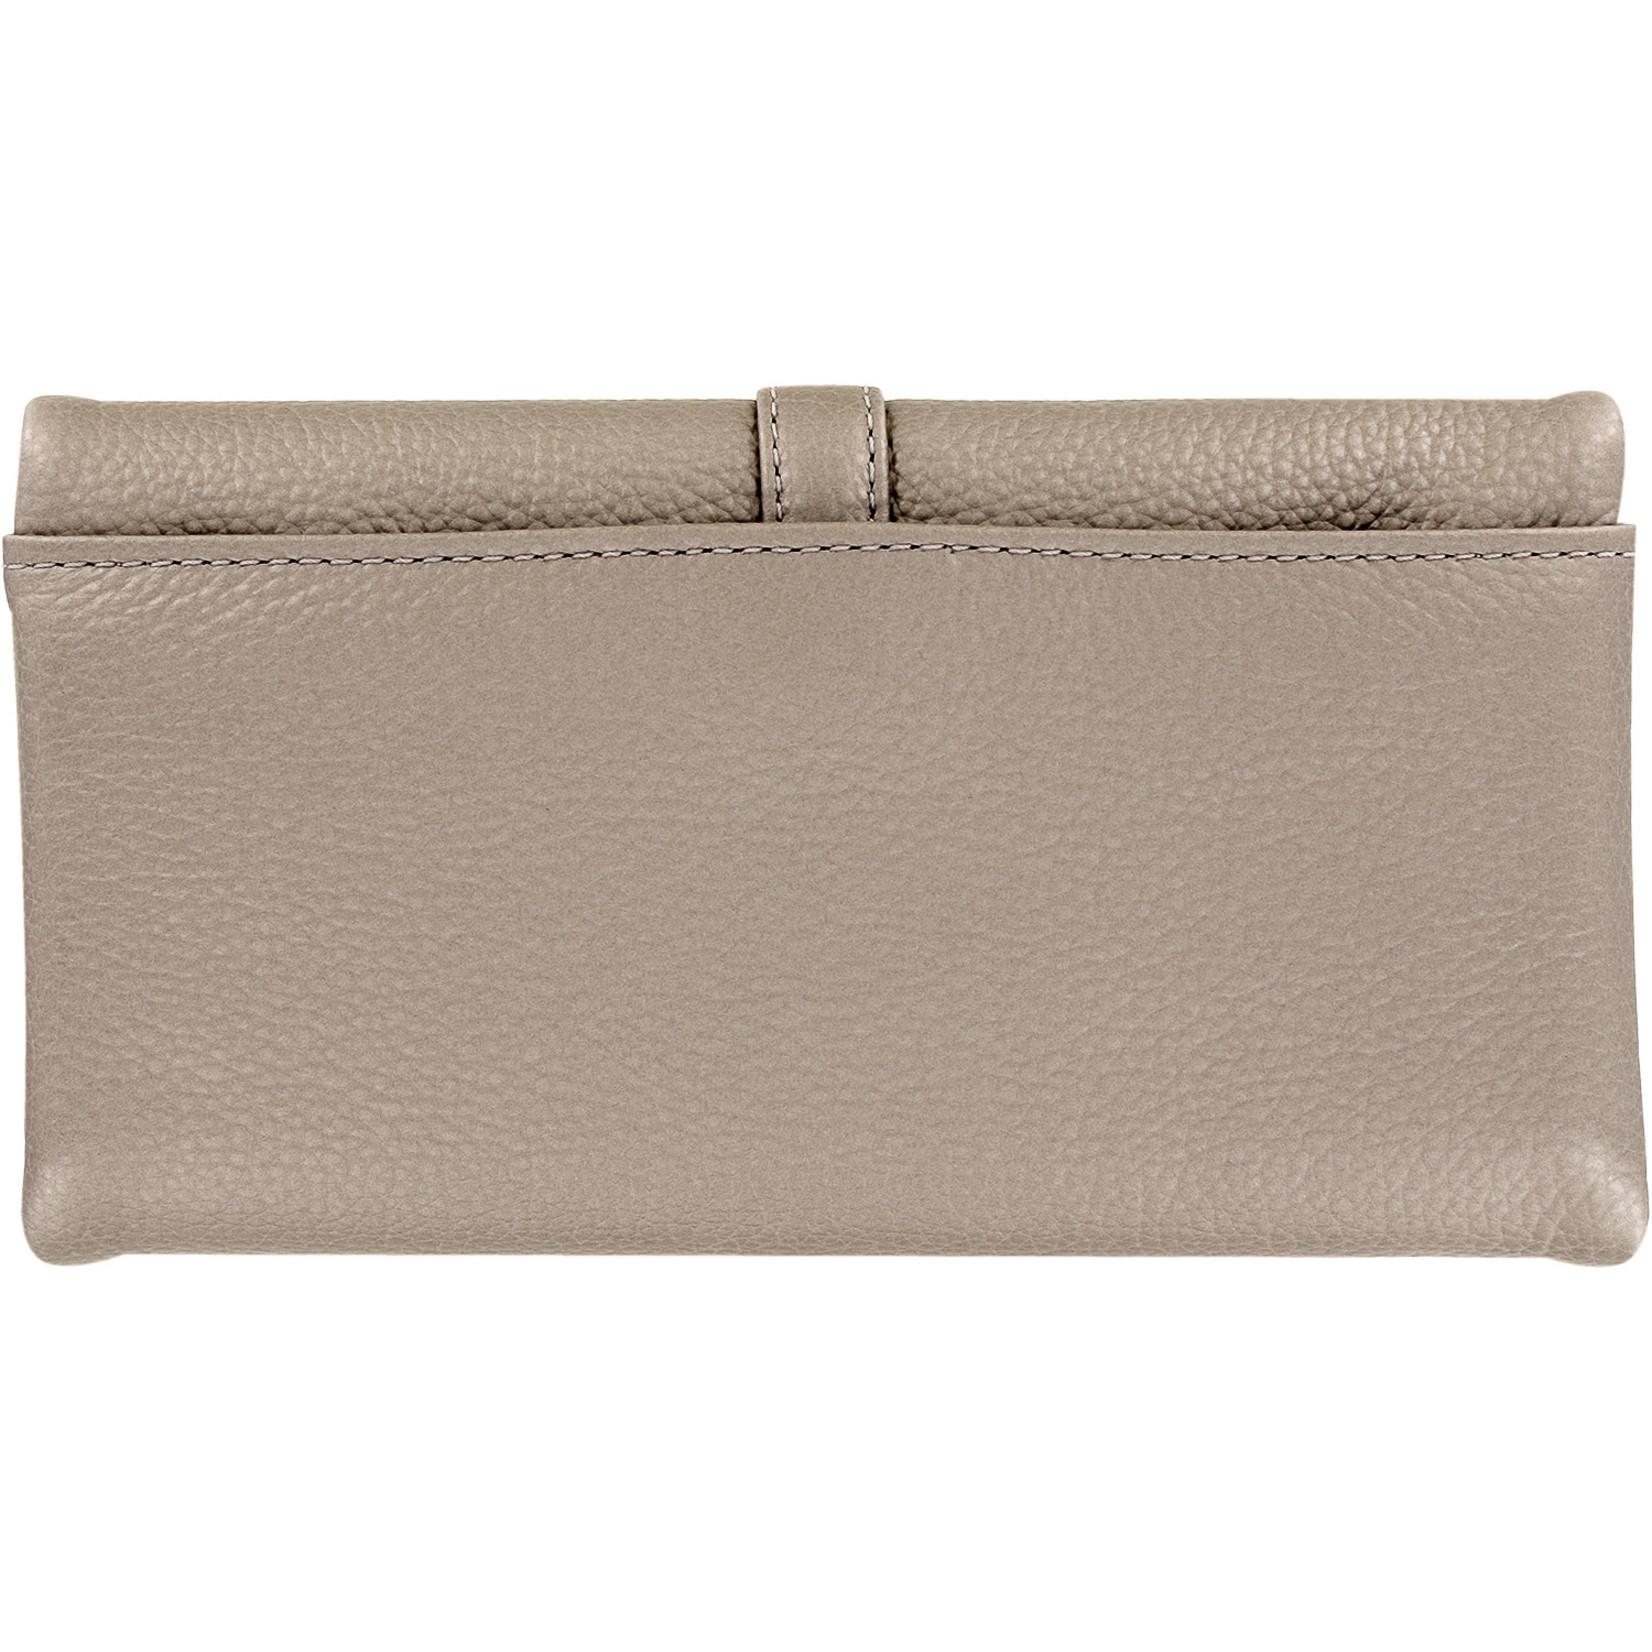 Brighton Nolita Zinc Wallet